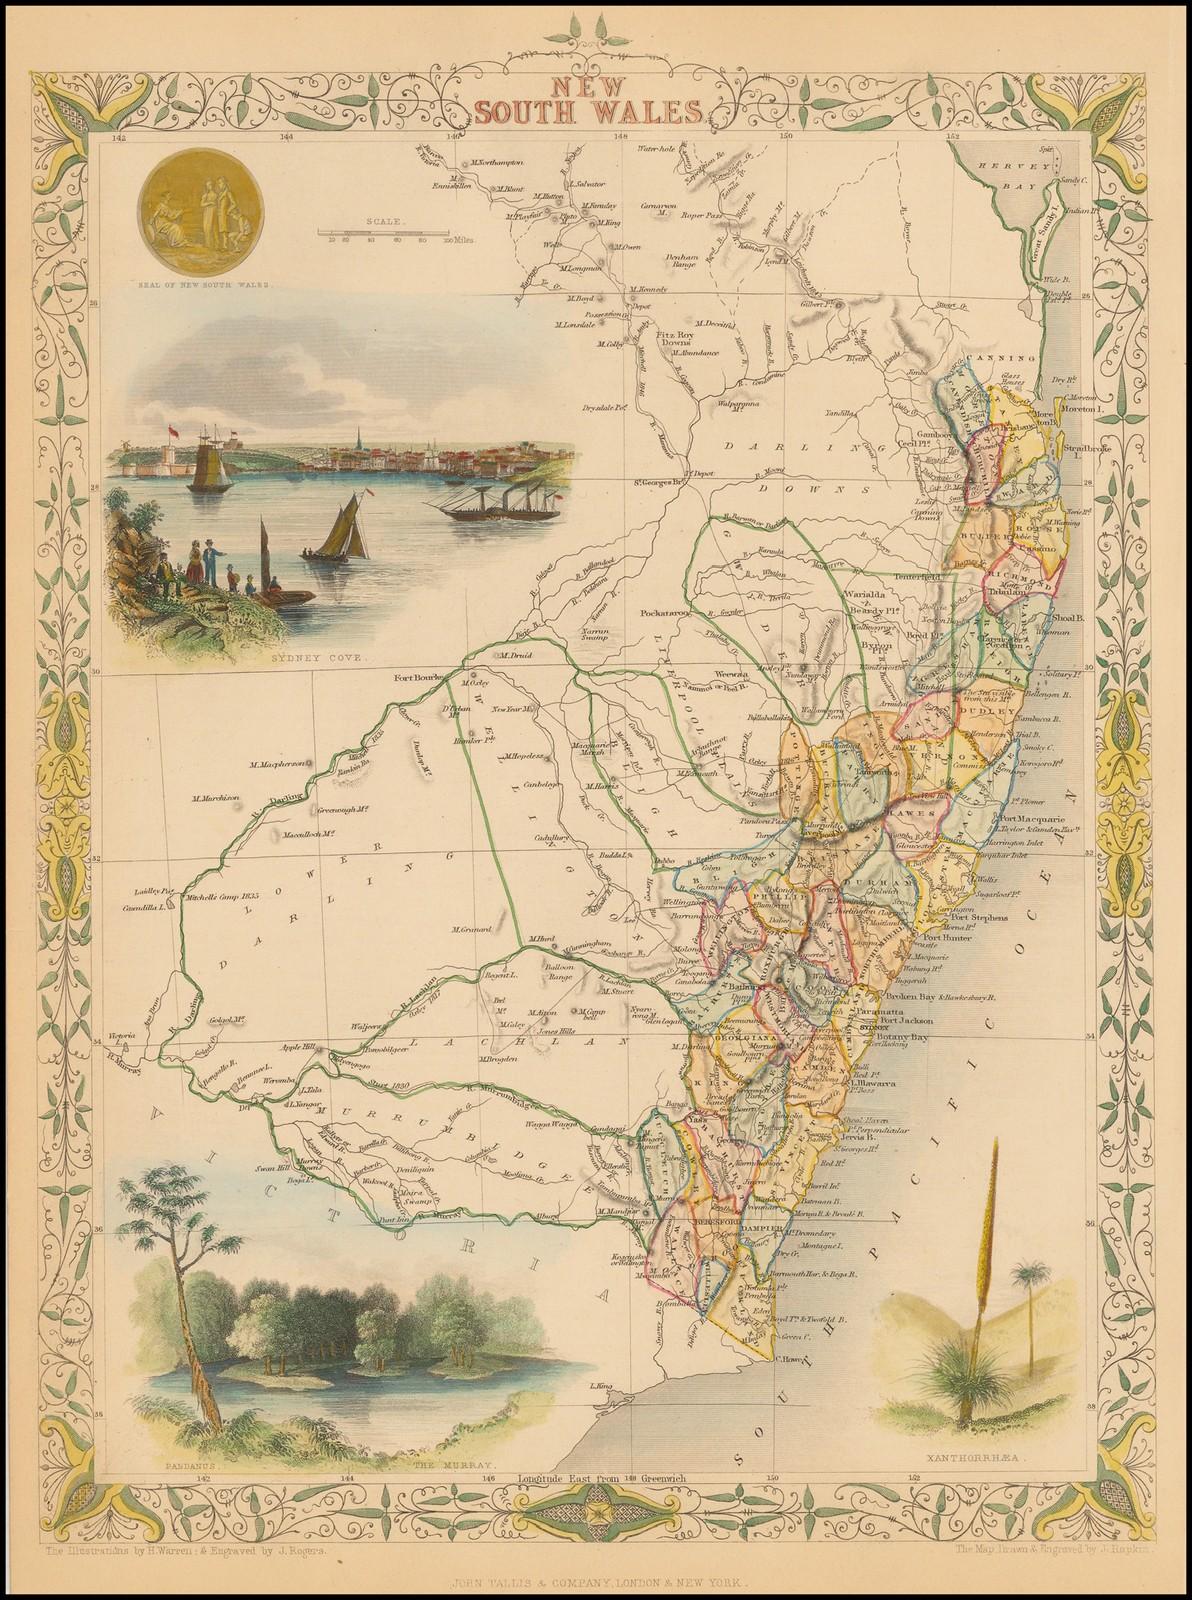 Старинная карта Таллиса 1851 года с изображением Австралии